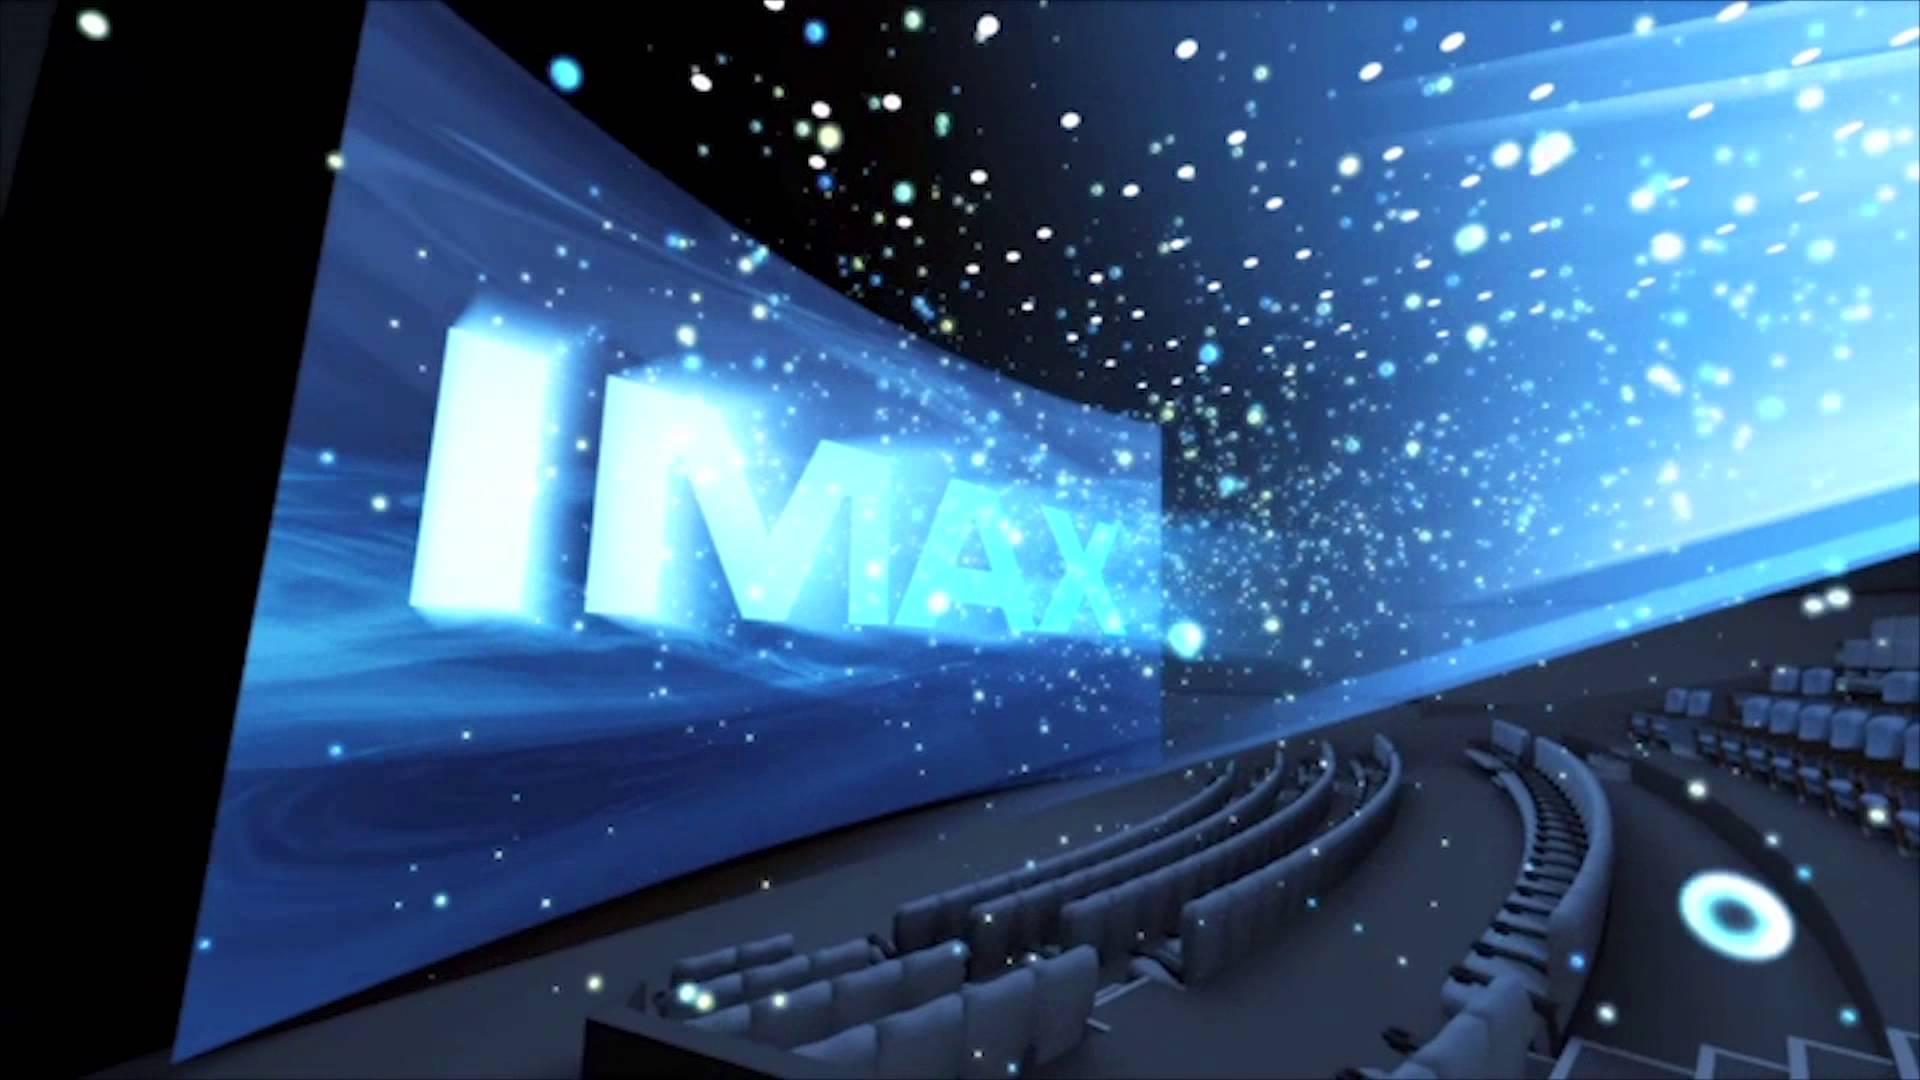 IMAX MEDIA DAY 2018